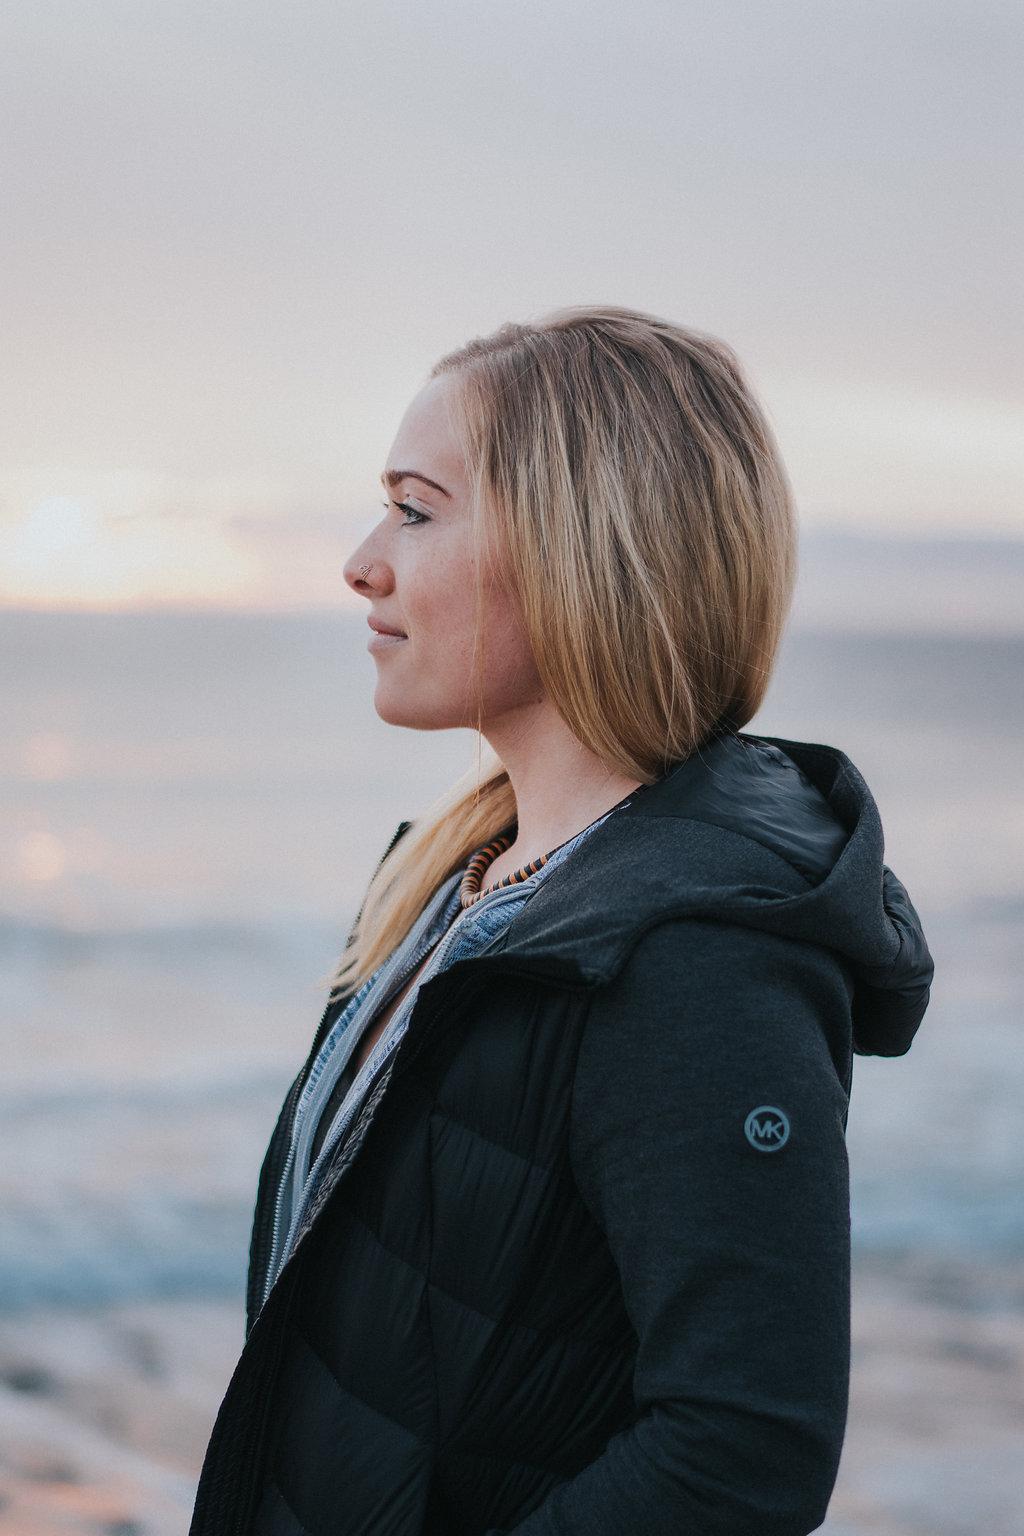 Kate Manuell, the heart based healing yoga goddess